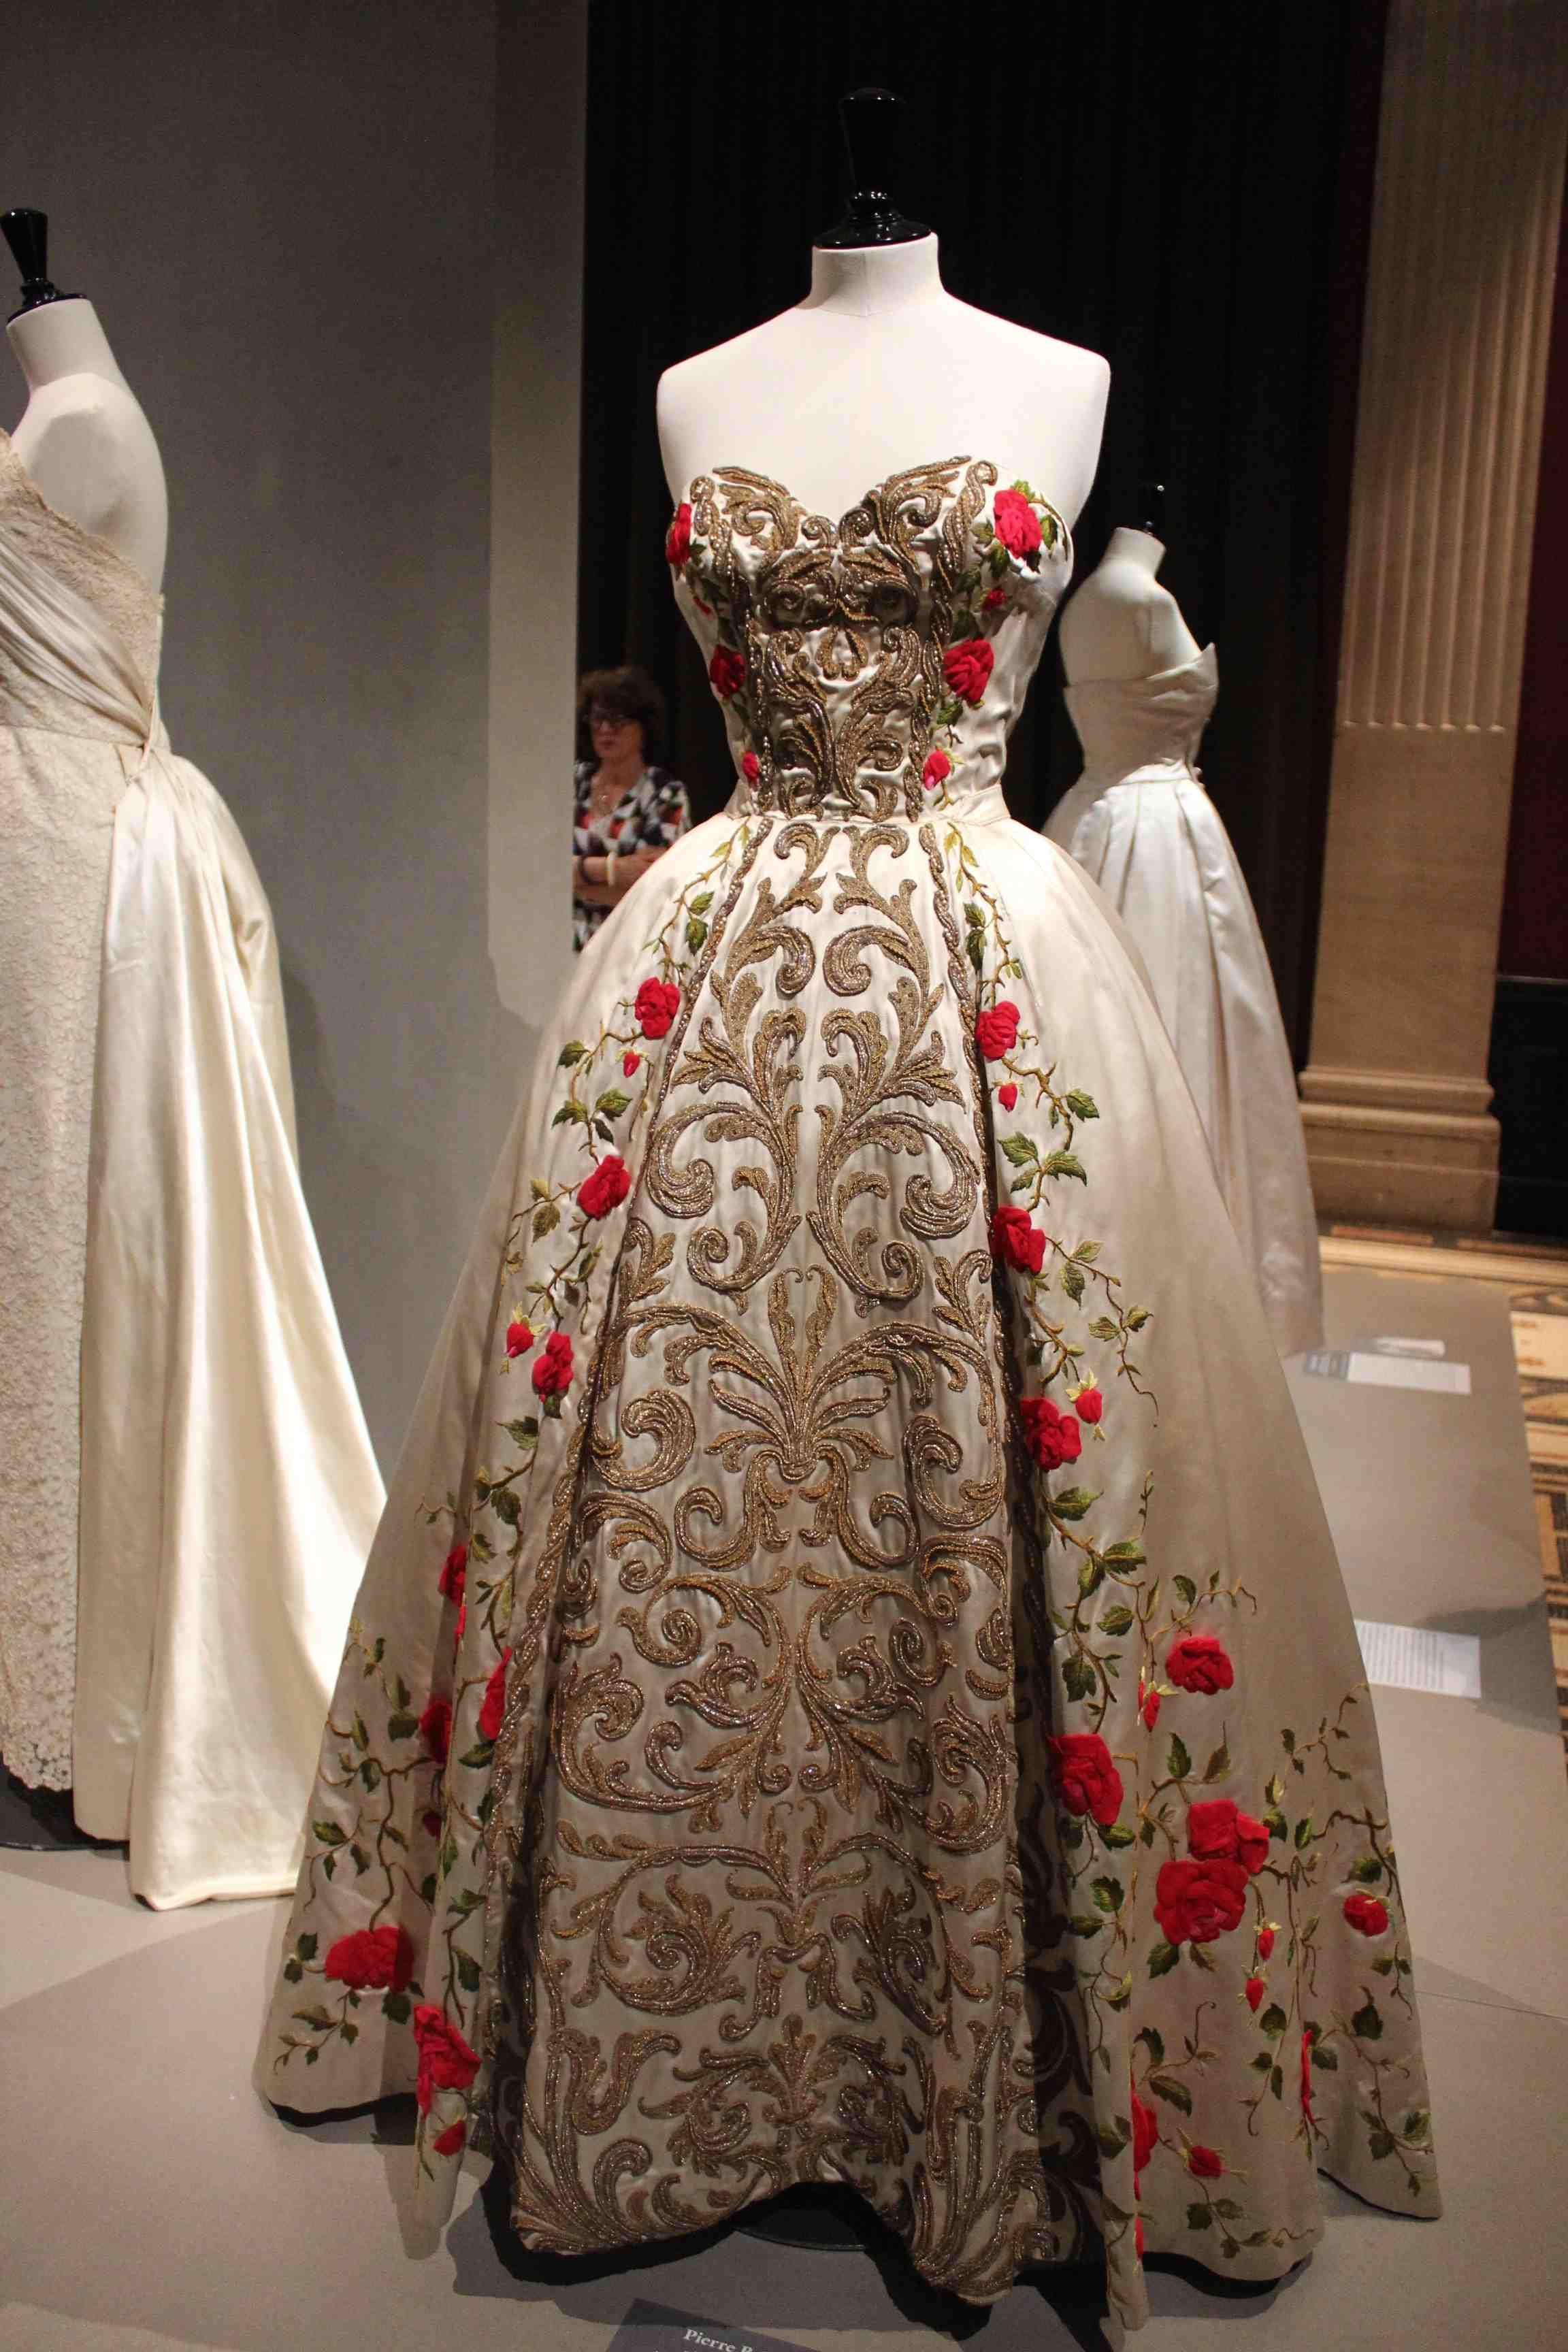 La mode des ann es 50 s 39 expose au palais galliera paris - Robe des annees 50 ...